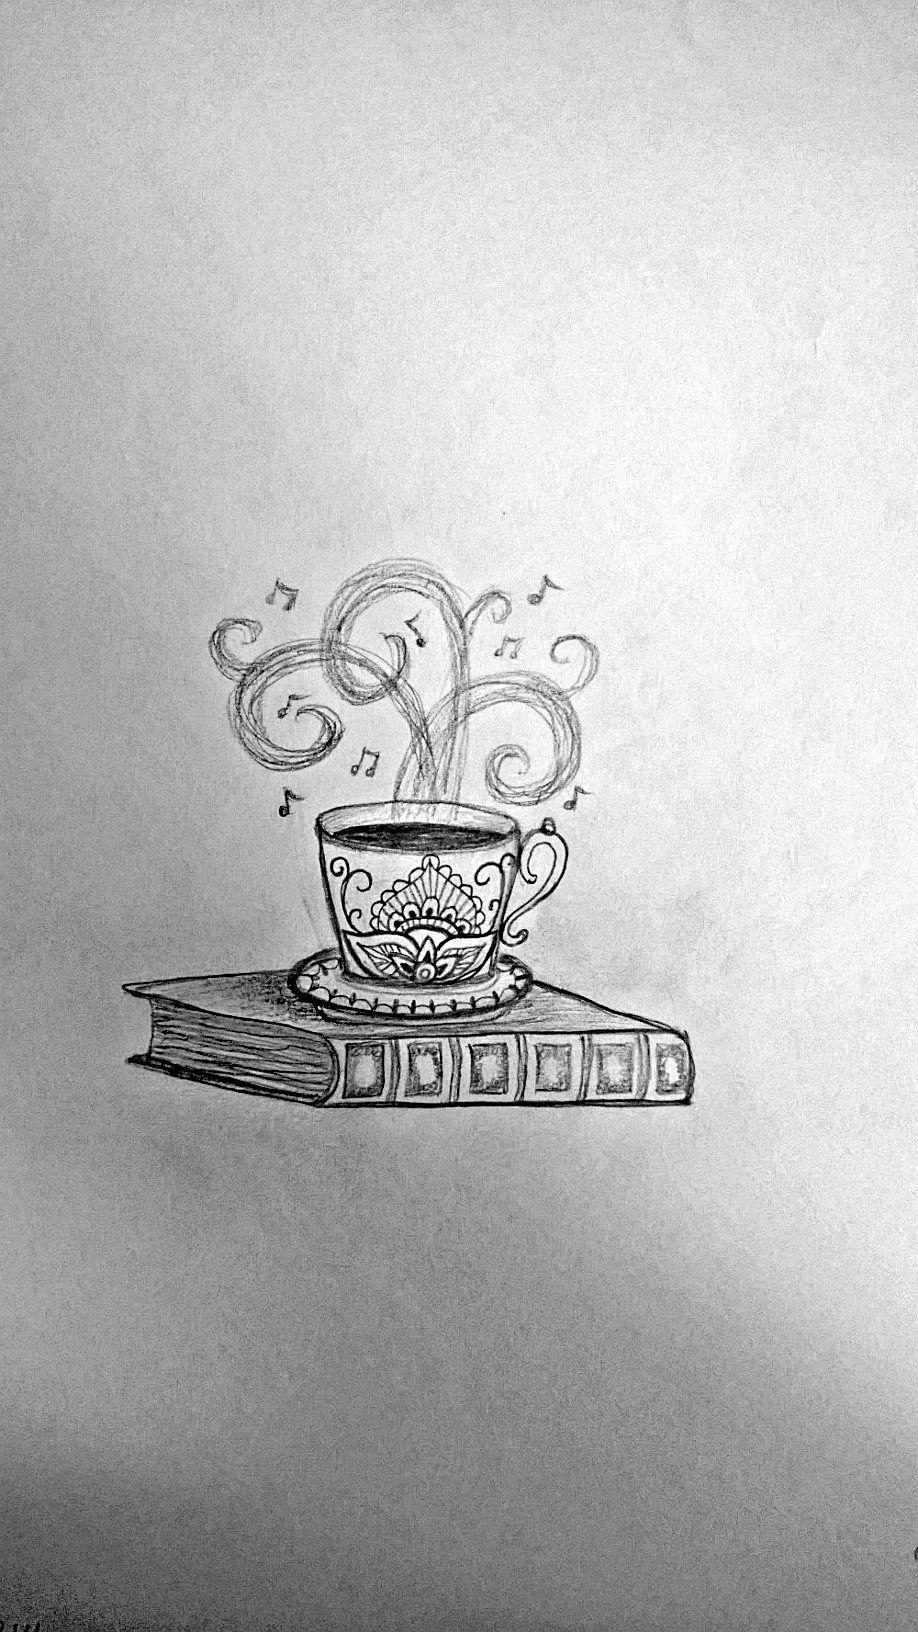 Name tattoo good idea coffee cup u book idea   tattoo  pinterest  coffee cup tattoo